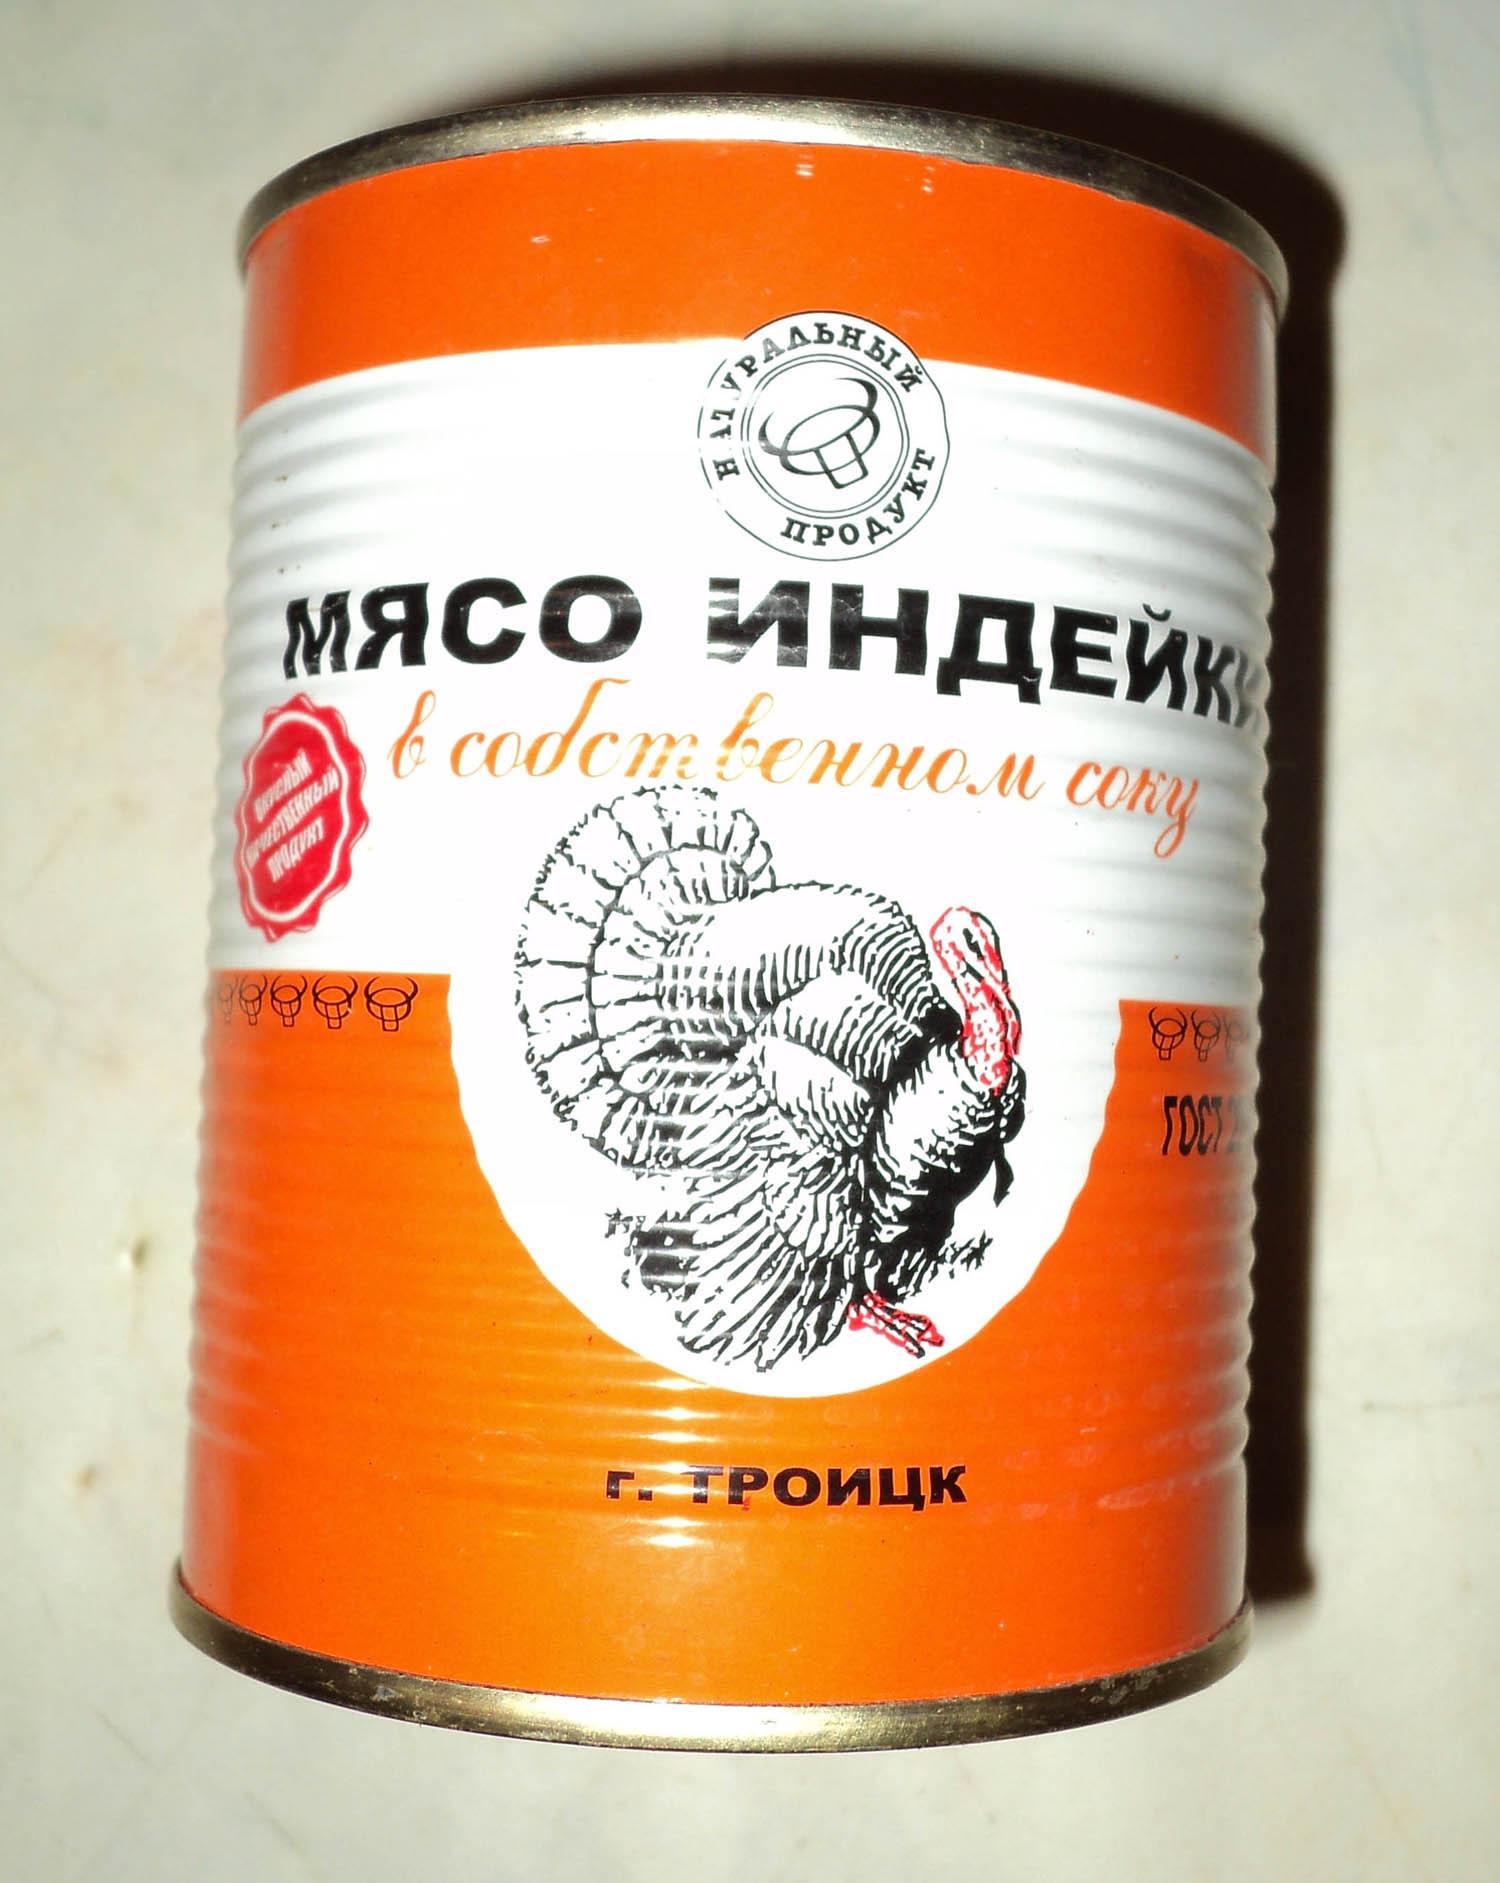 Продукция консервного комбината г. Троицк.